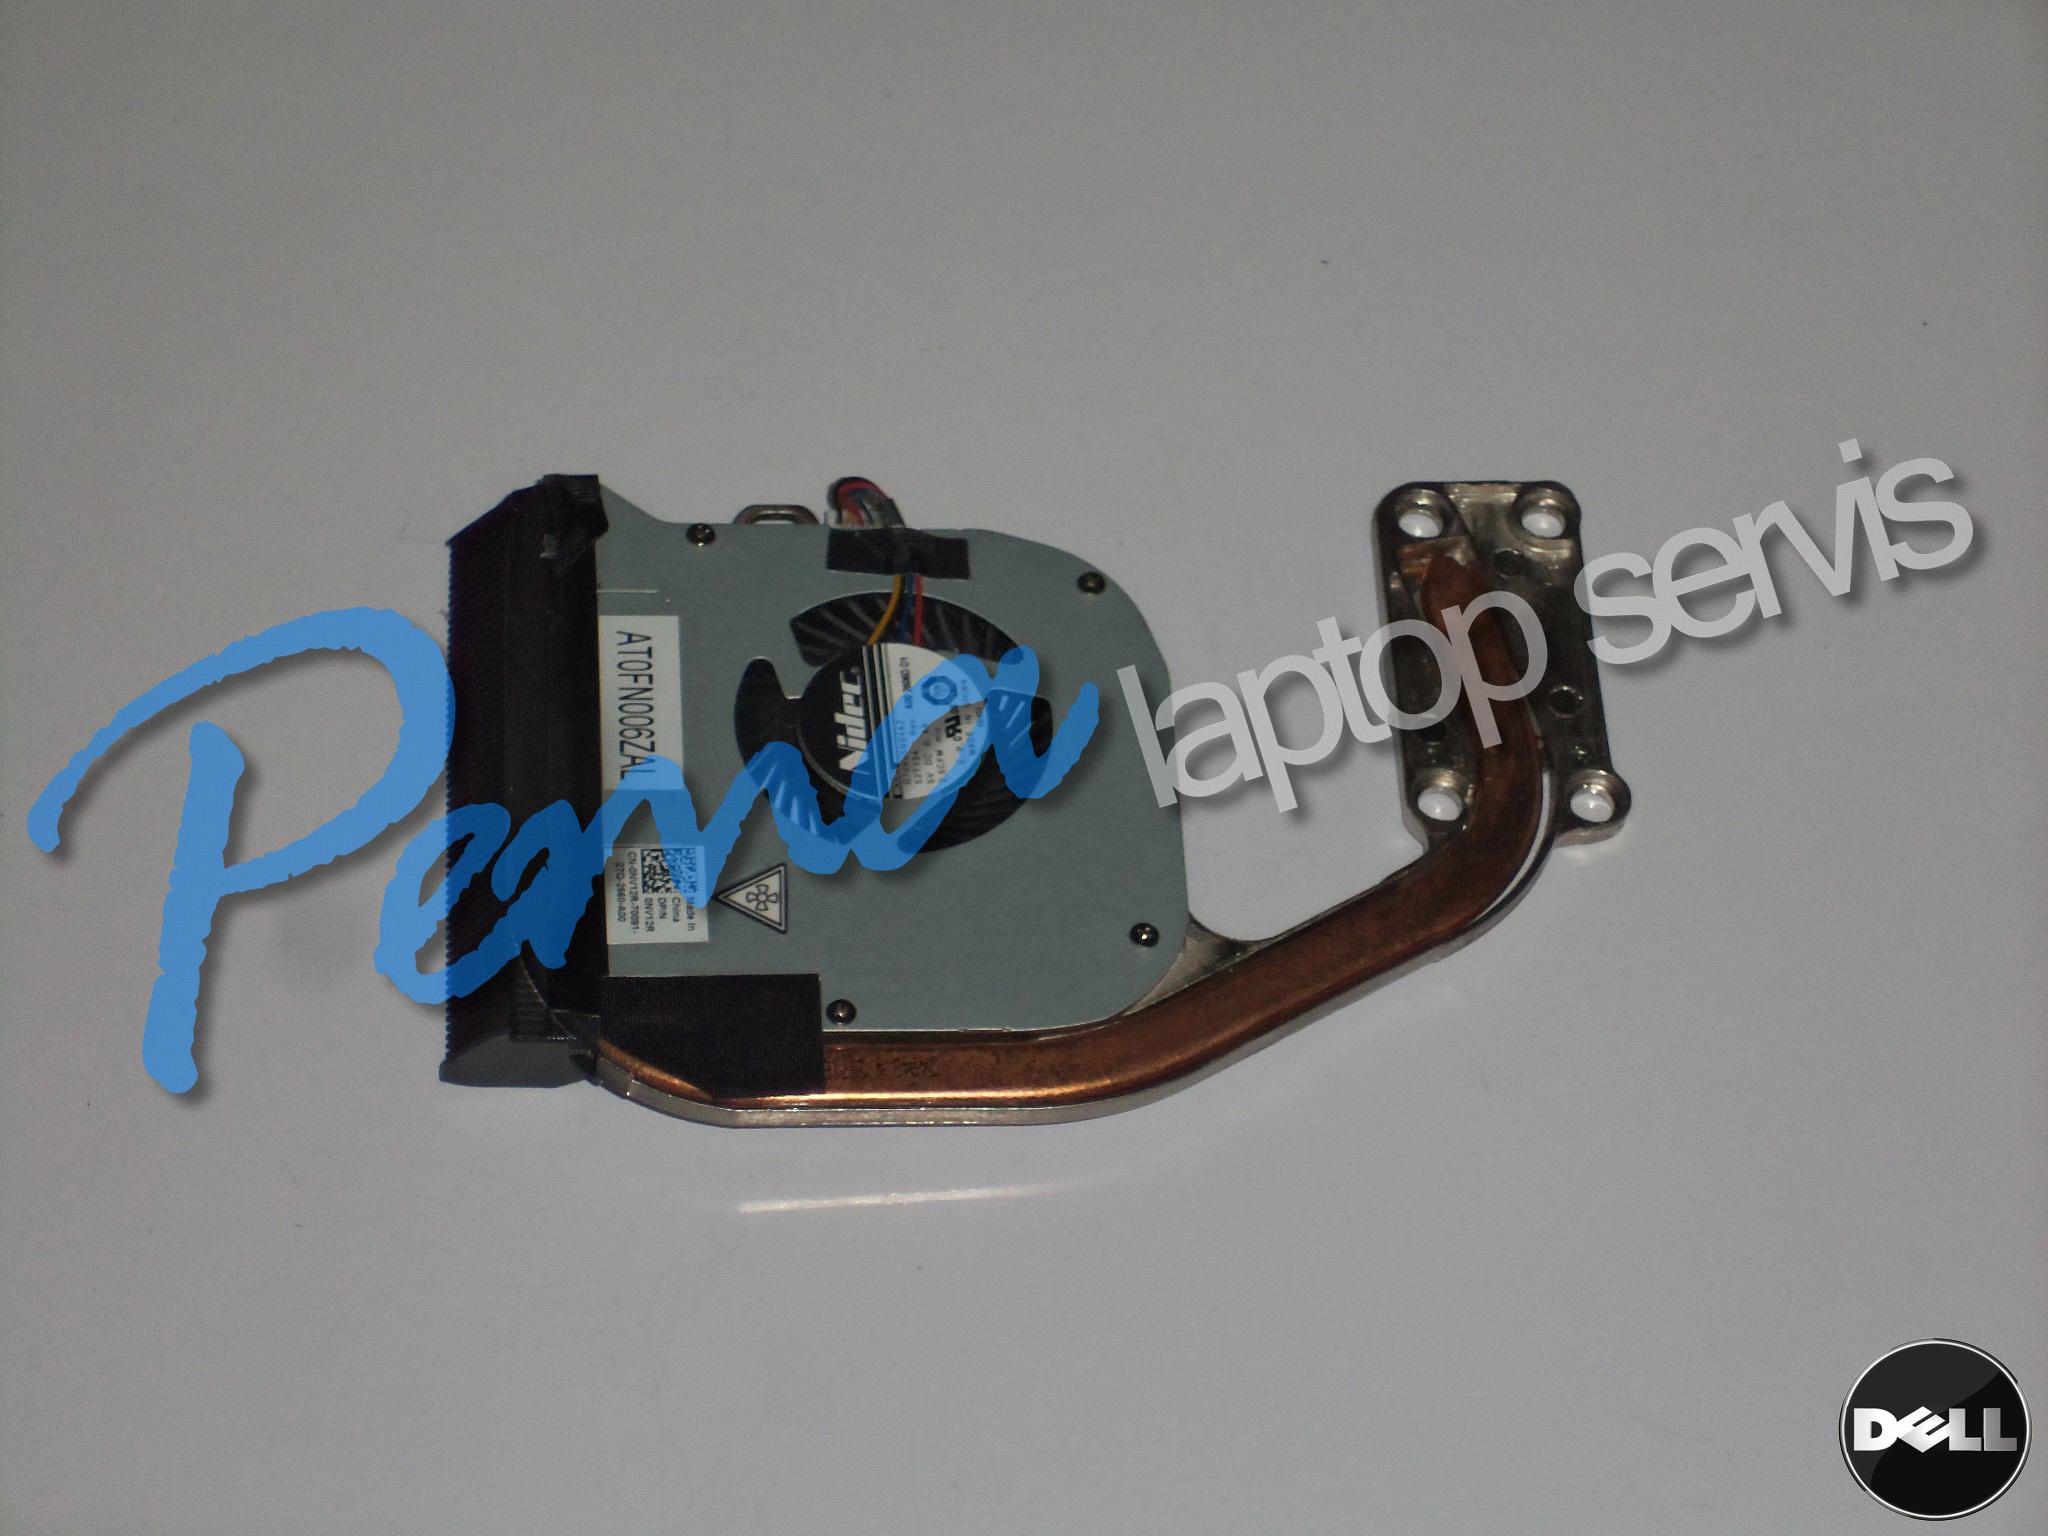 Dell Latitude E6320 fan